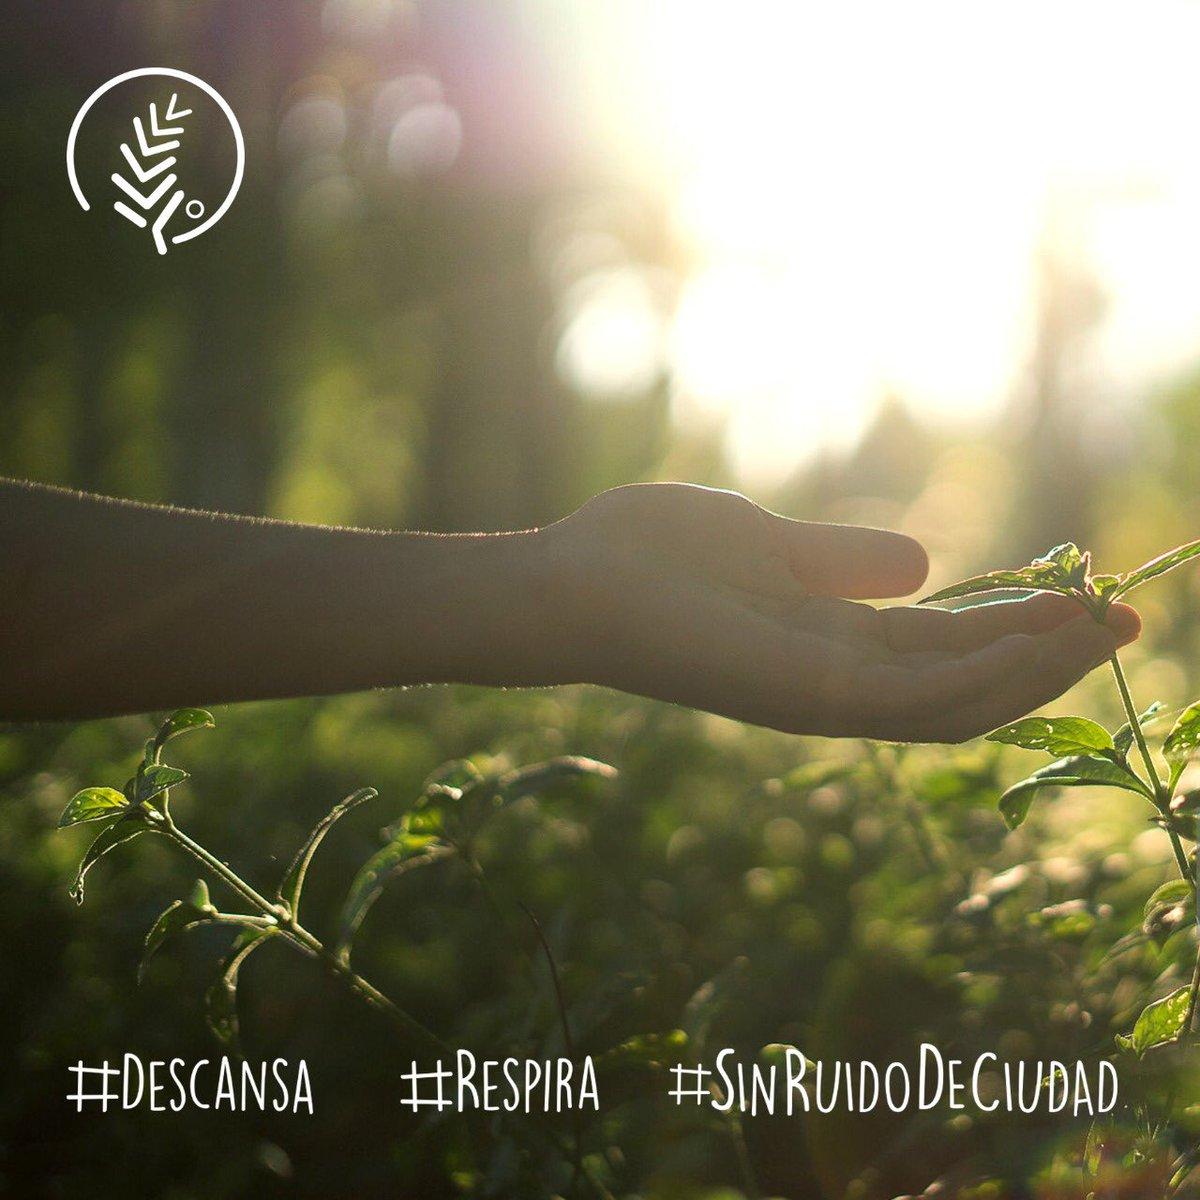 #baiguate #jarabacoa #BuenosDias #cafe #DC #respira #pausa #SinTapones  #SinRuidoDeCiudad #airepuro #EnLaNaturaleza #EnFamilia #viajar #EnGrupo